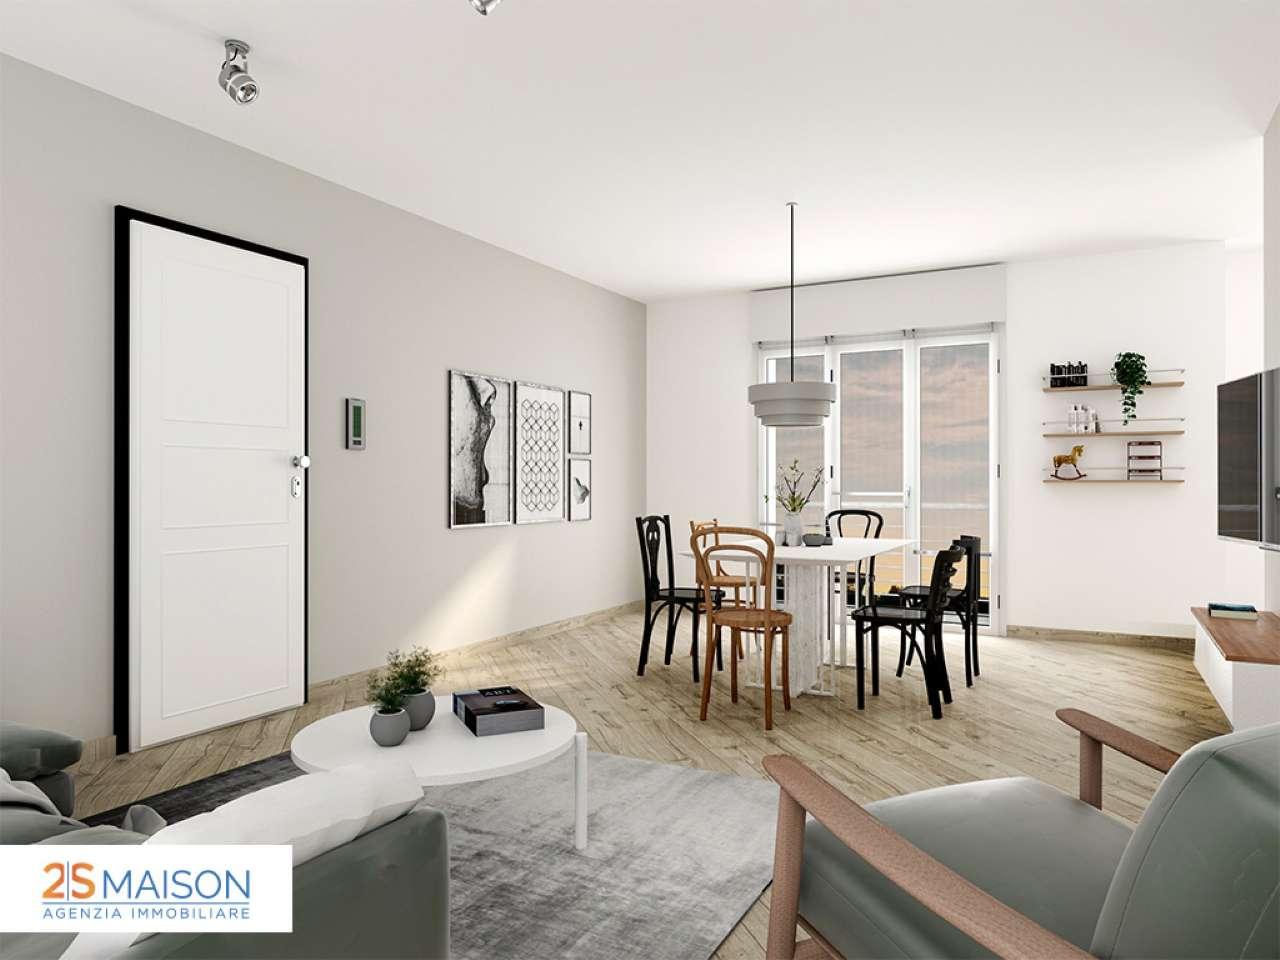 Appartamento in vendita a Santa Margherita Ligure, 3 locali, prezzo € 285.000 | CambioCasa.it